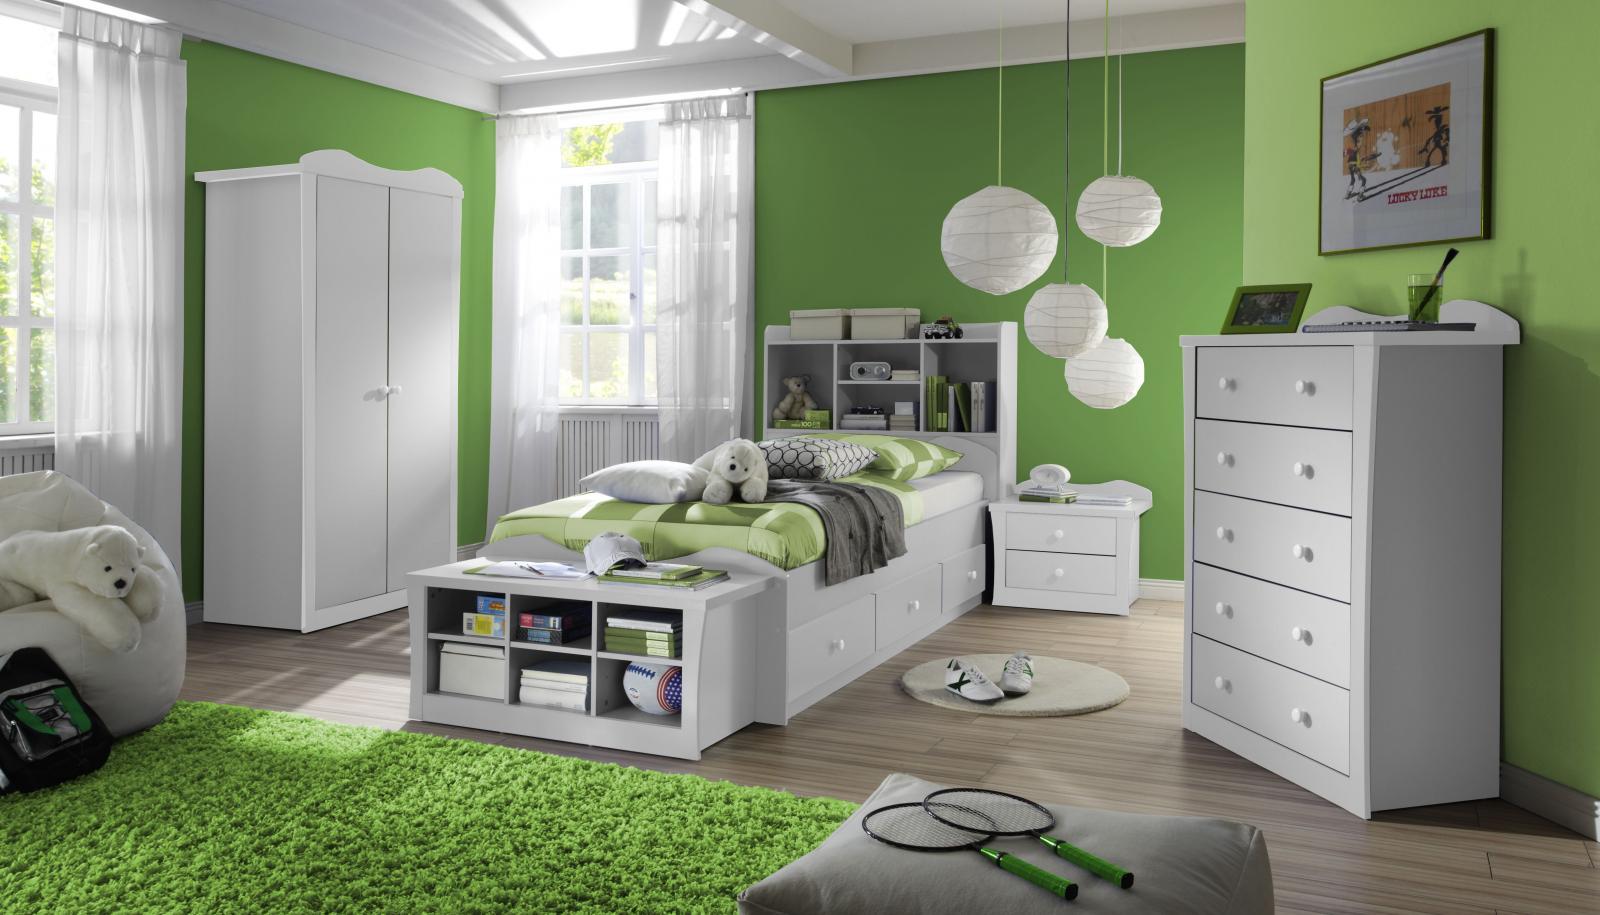 Dormitorio para ni os color verde dormitorios colores y - Dormitorio verde ...